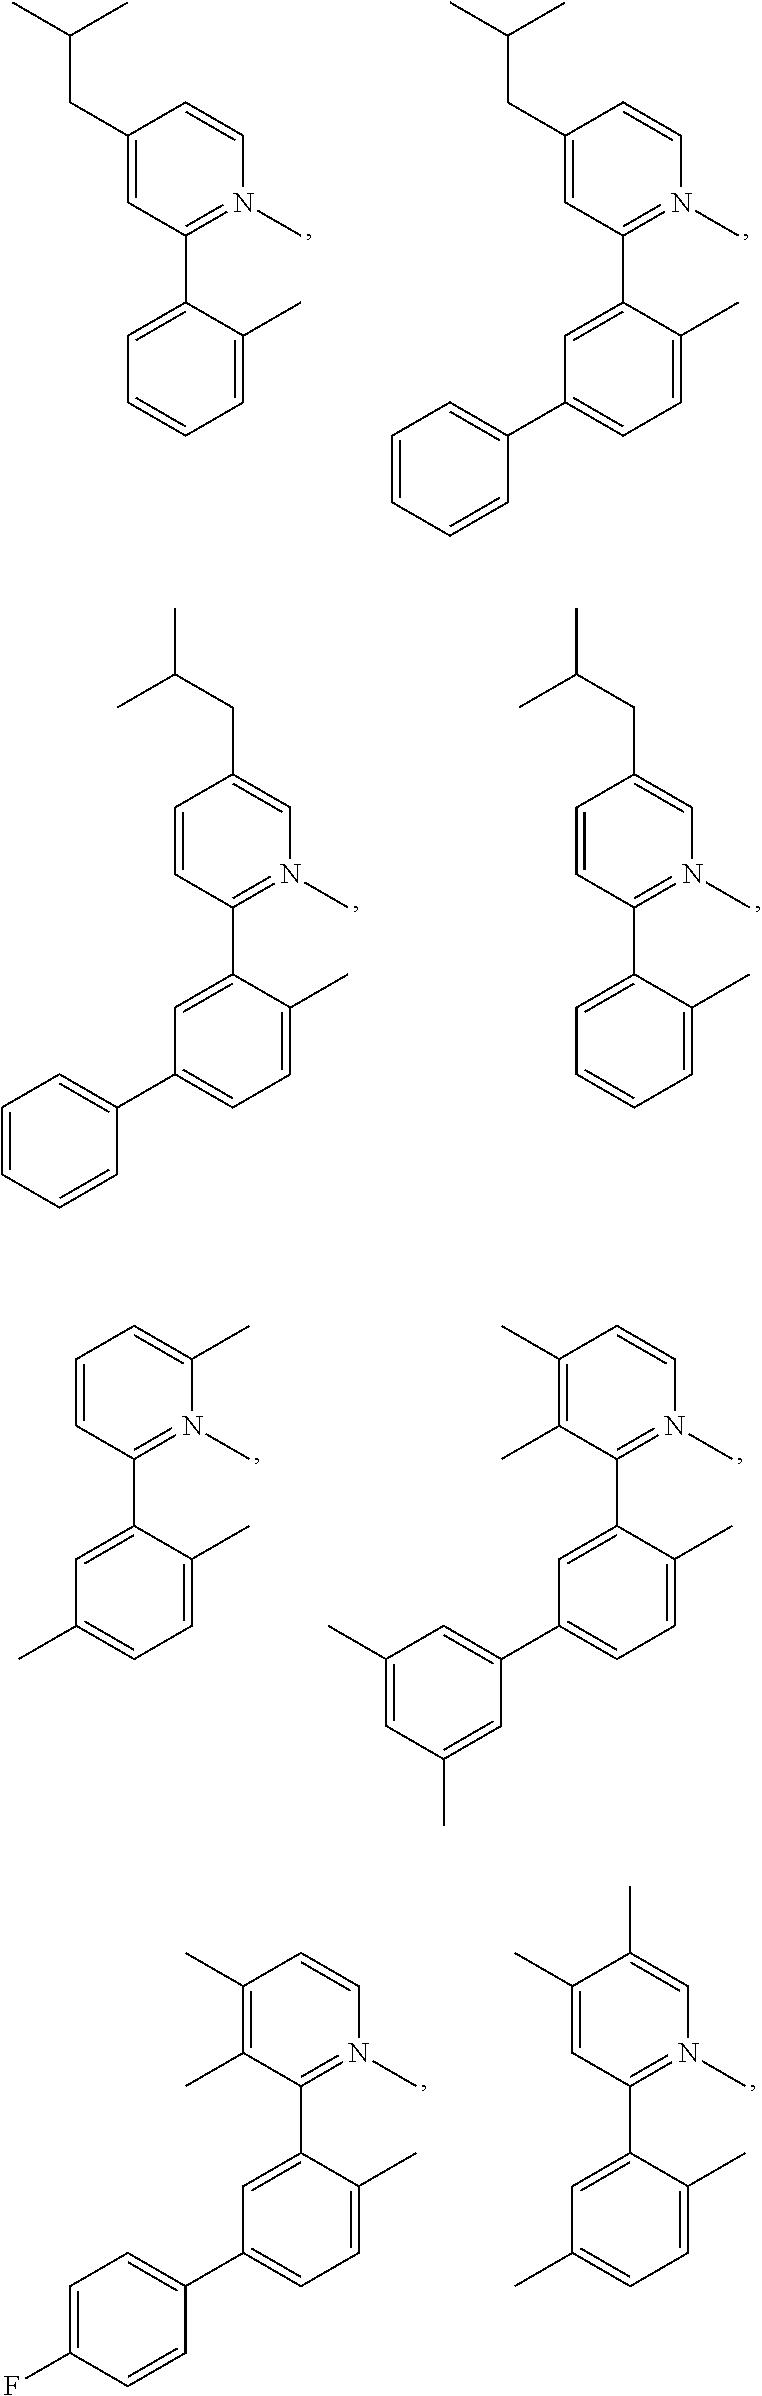 Figure US09899612-20180220-C00037